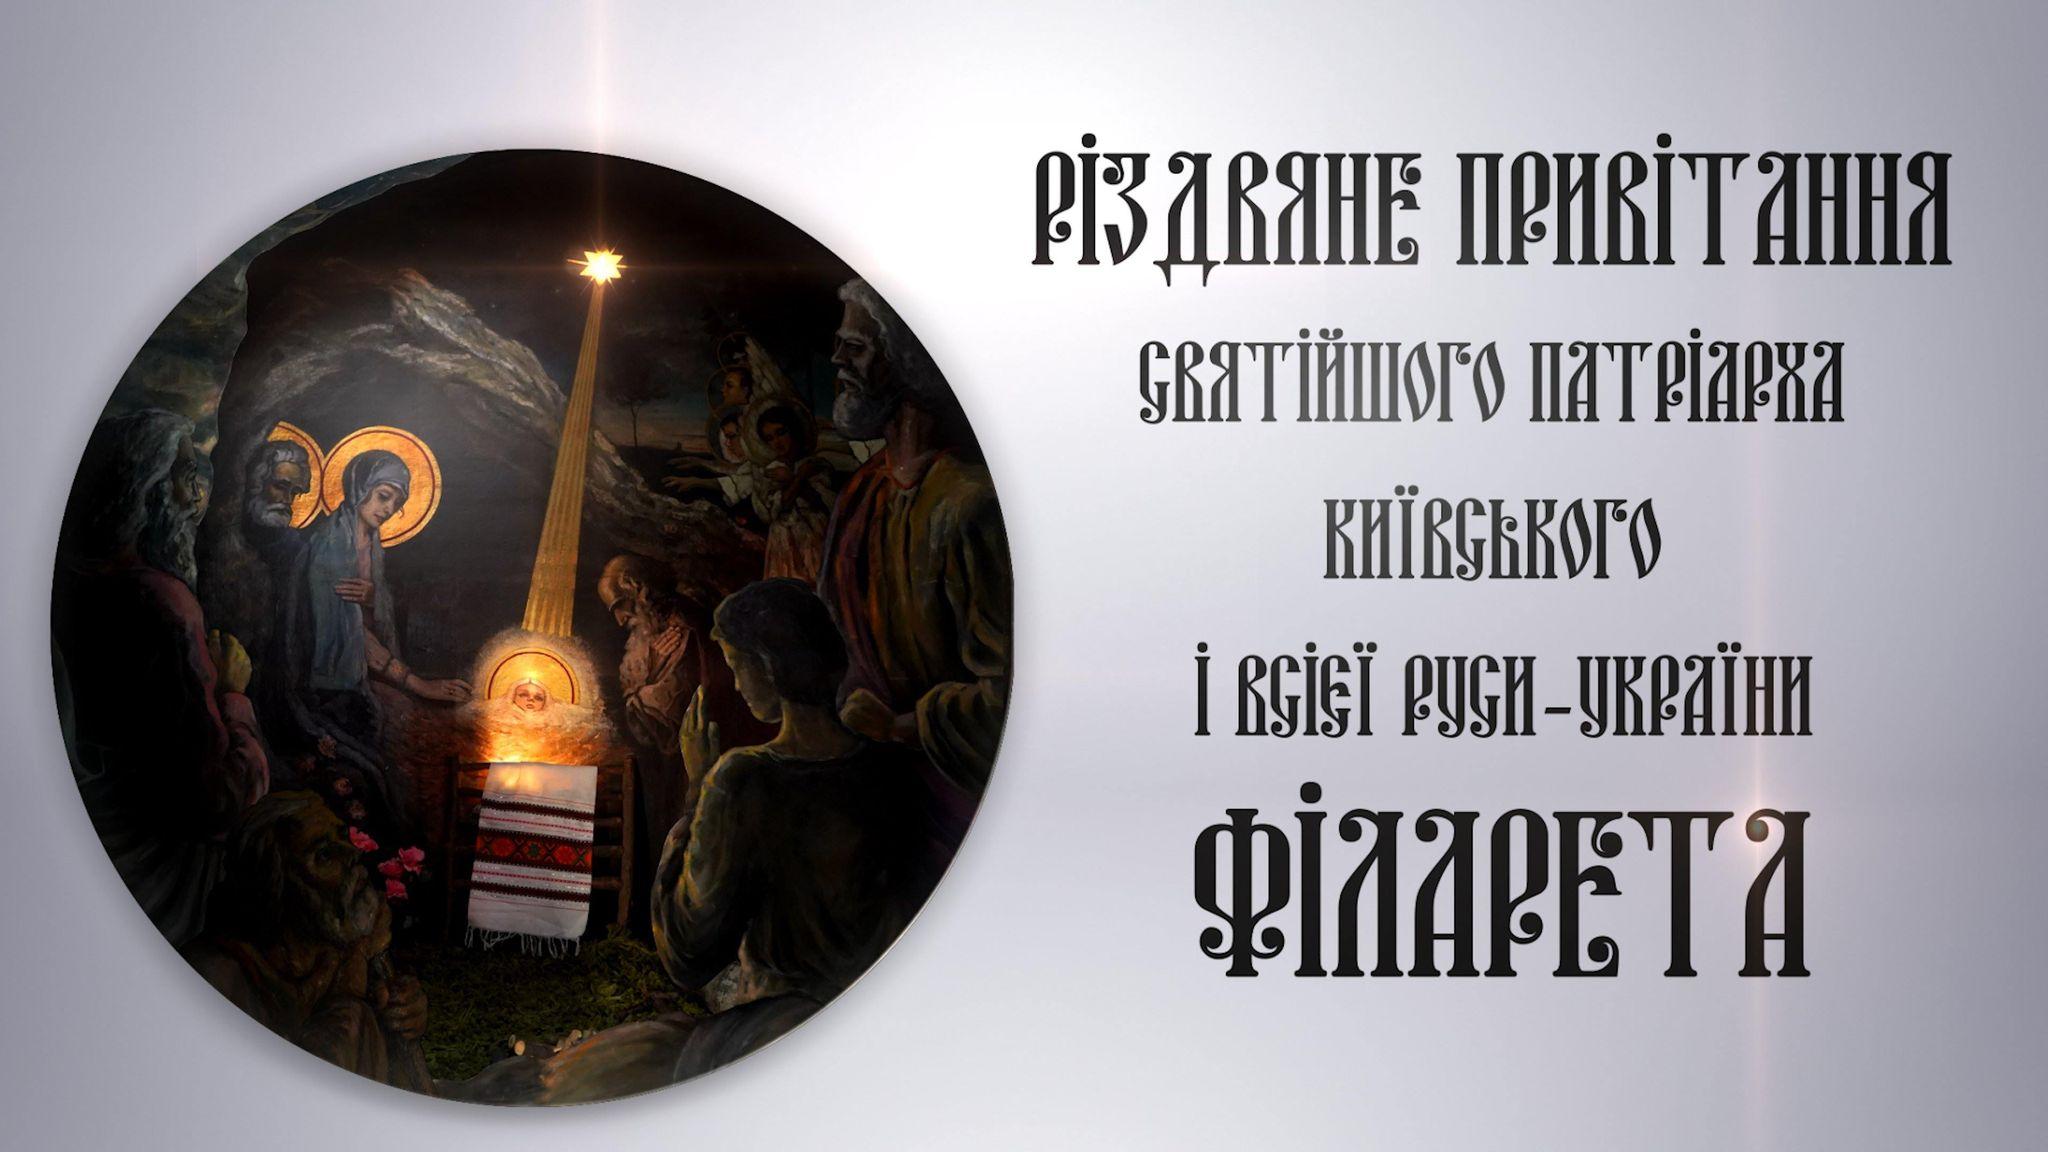 Різдвяне привітання Святійшого Патріарха Філарета (ВІДЕО)